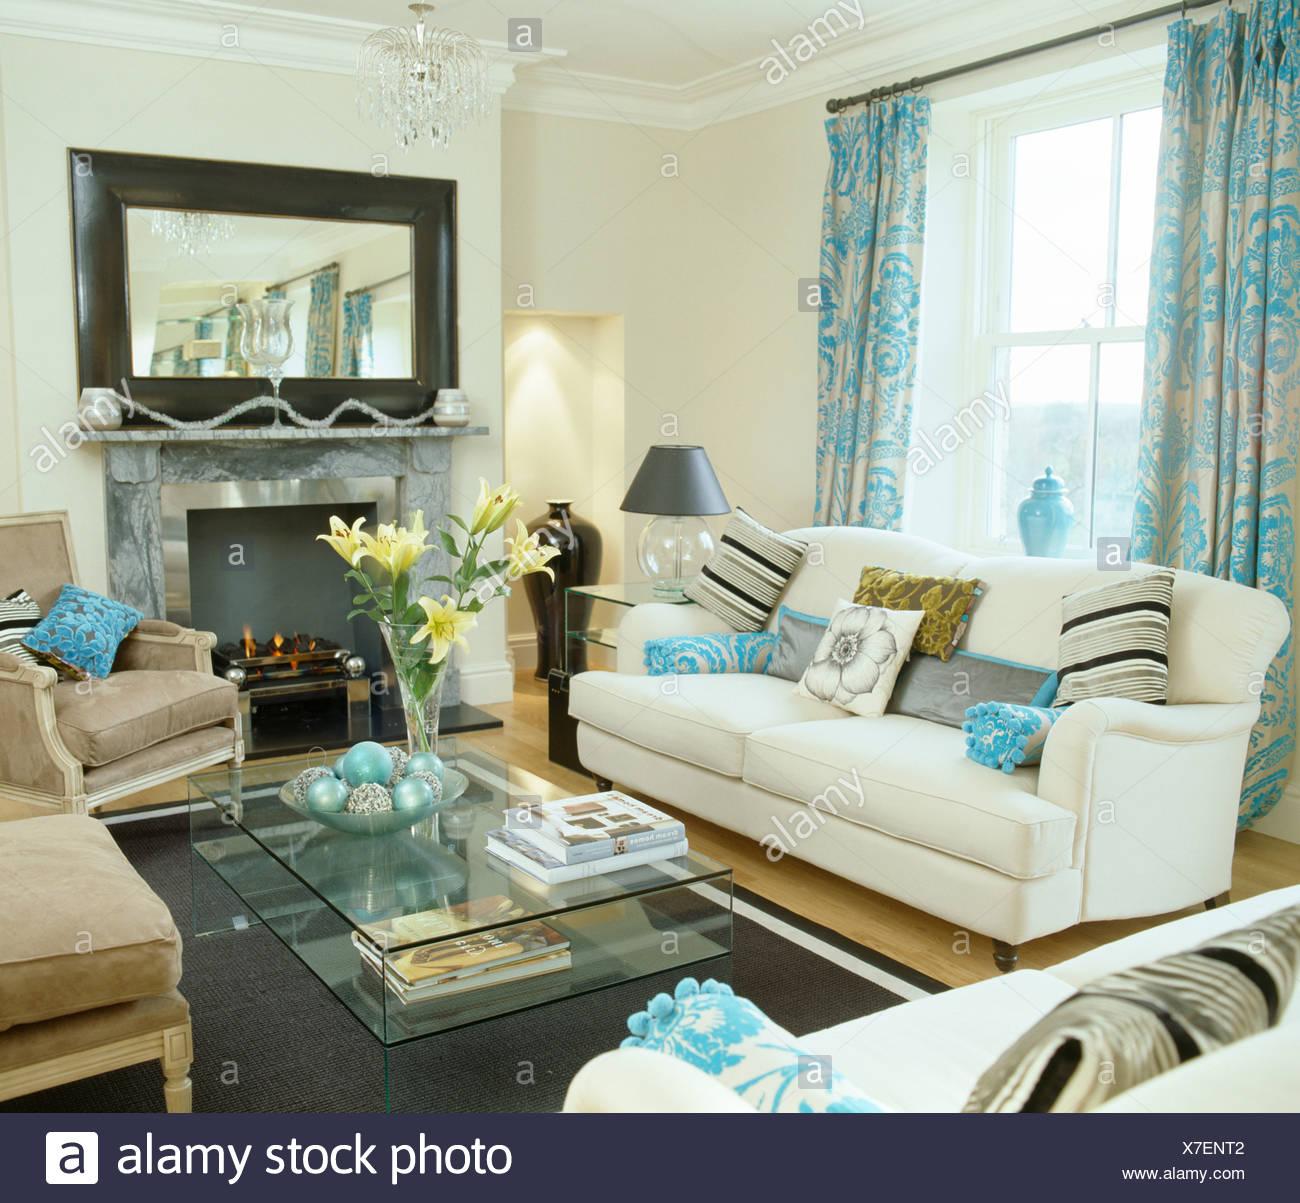 gemusterte t rkis vorh nge am fenster ber dem wei en sofa in wei wohnzimmer mit gro em spiegel. Black Bedroom Furniture Sets. Home Design Ideas